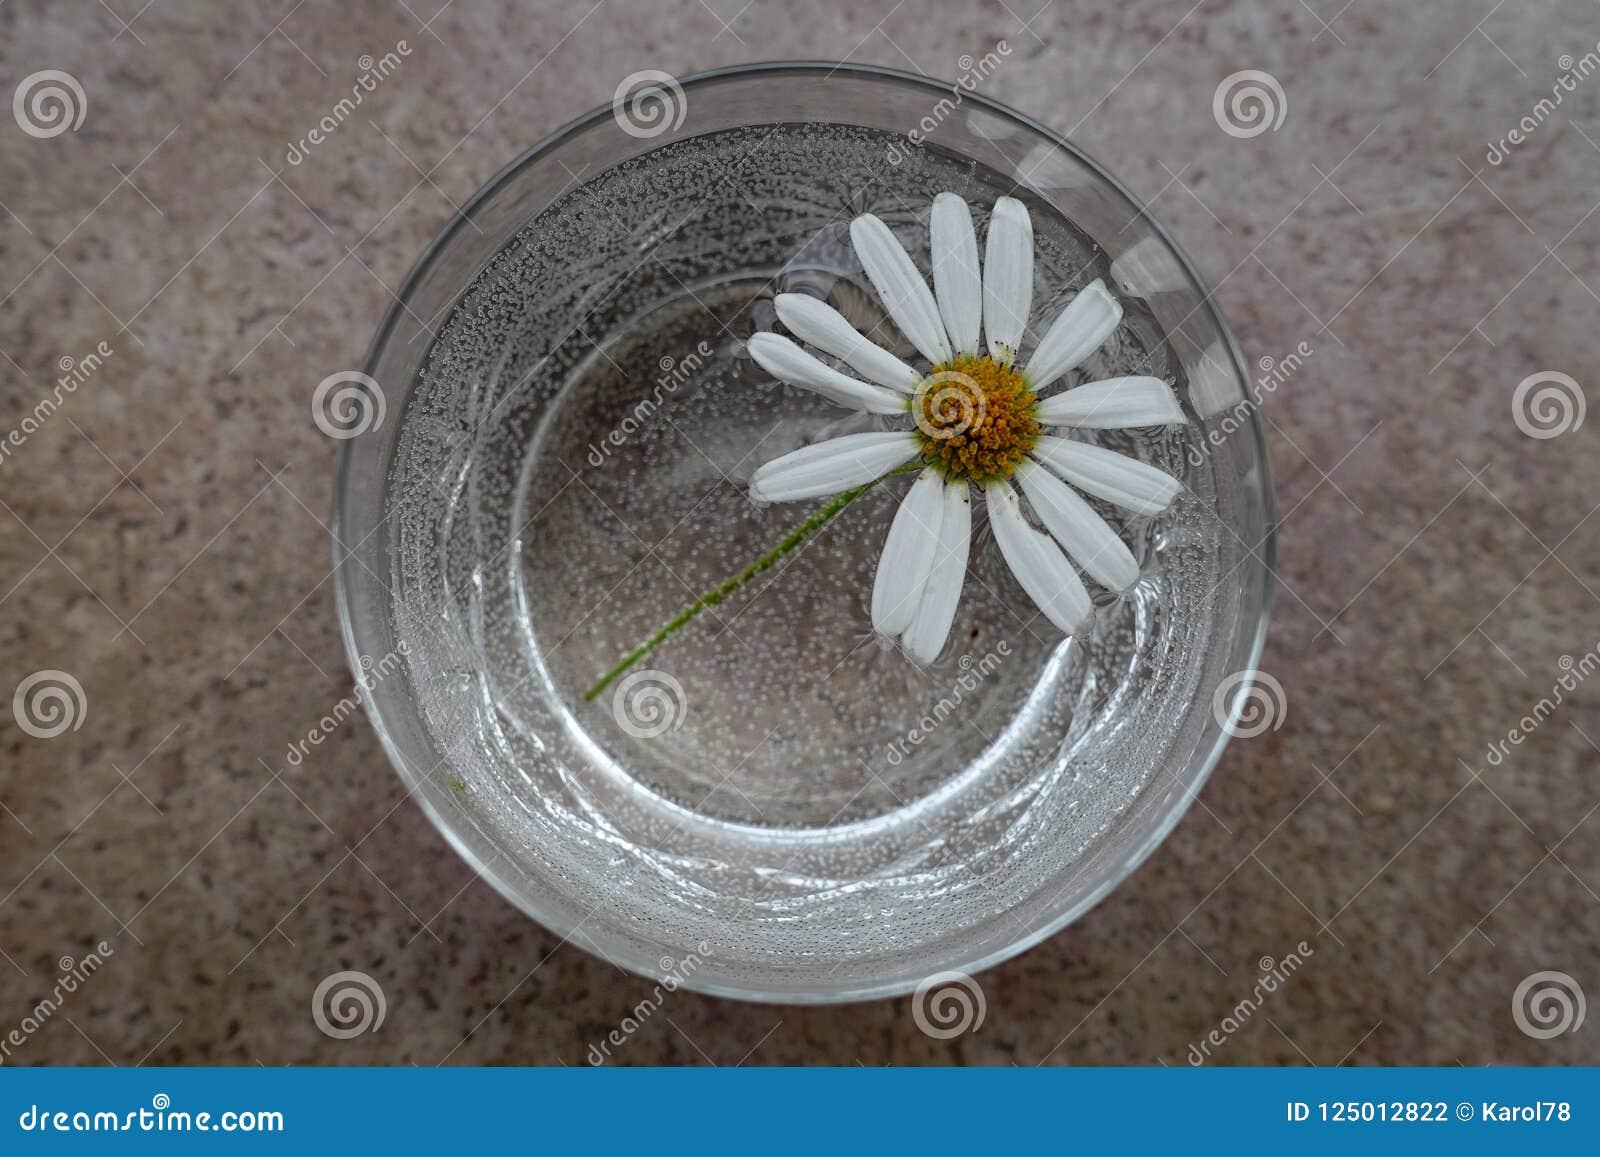 Daisy Marguerite Flower mit den weißen Blumenblättern in einem geschliffenen Glas